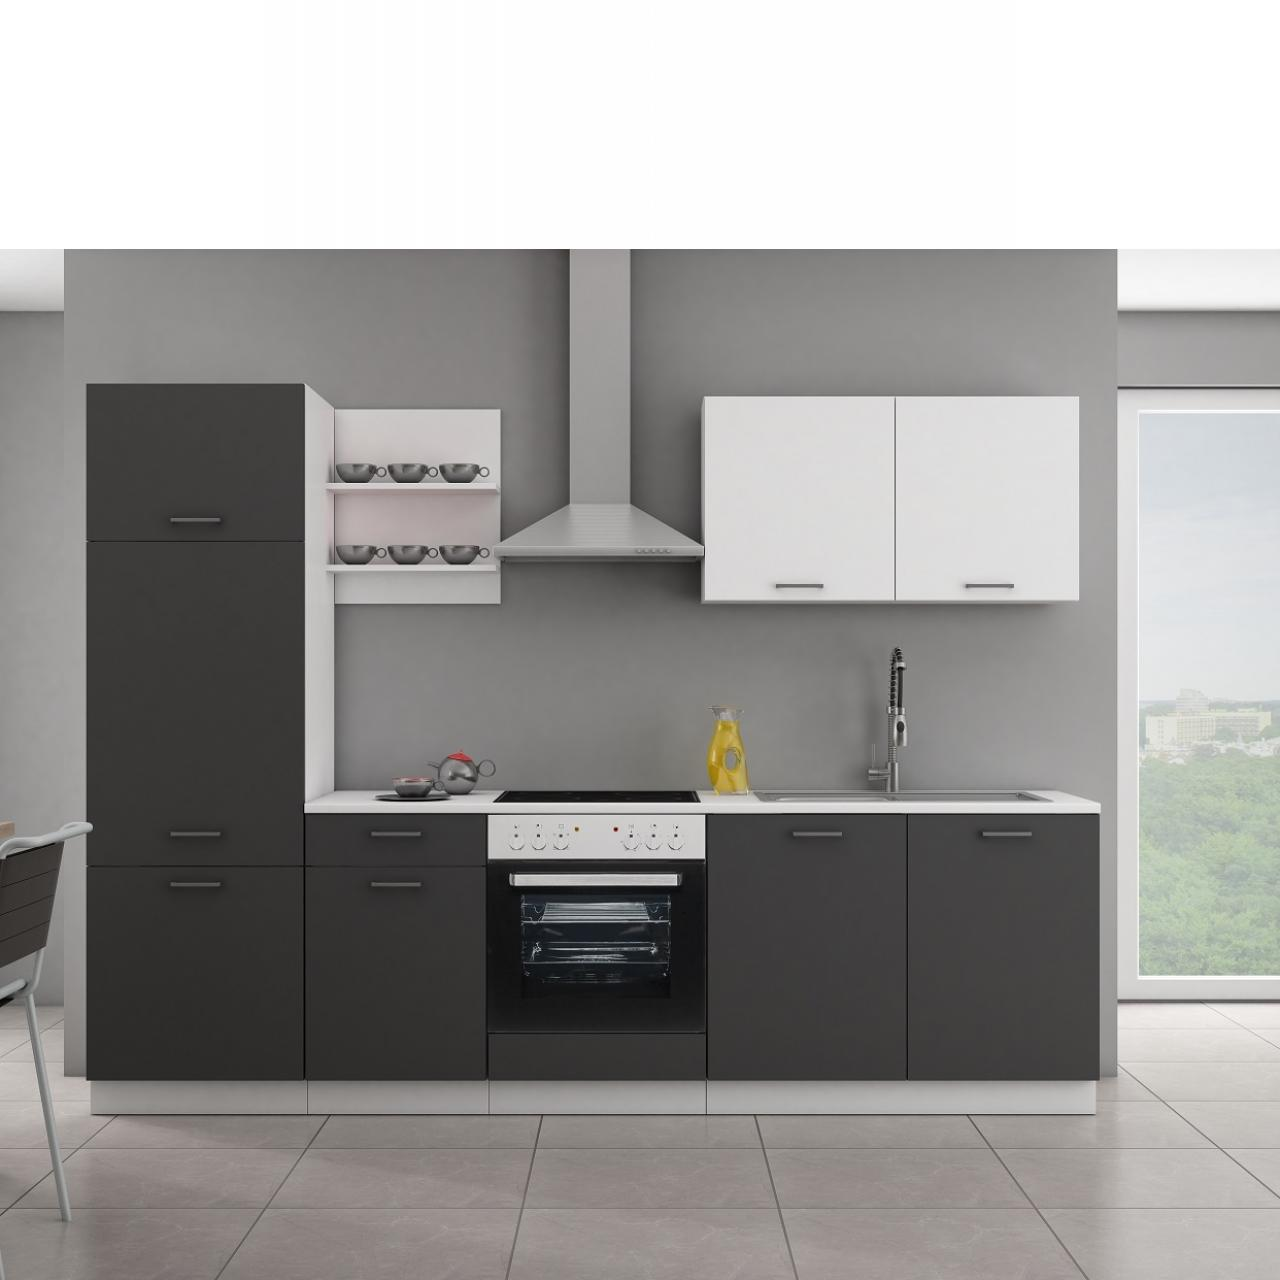 Küche Promo Grau Matt Weiß Matt Küchenzeile Küchenblock Single-Küche  Spanplatte